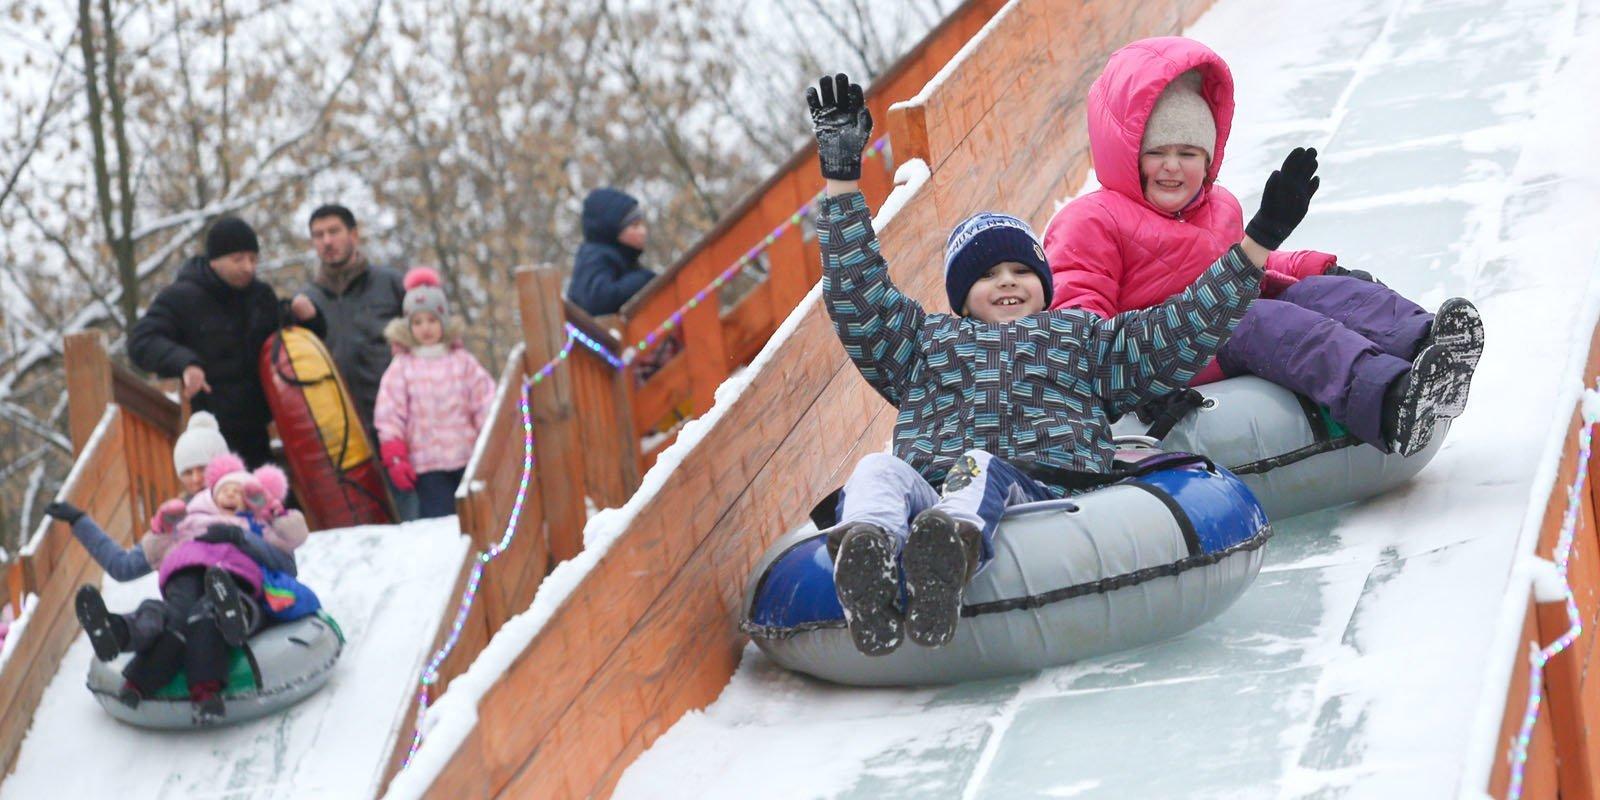 Парки Москвы открыли бесплатные зимние горки